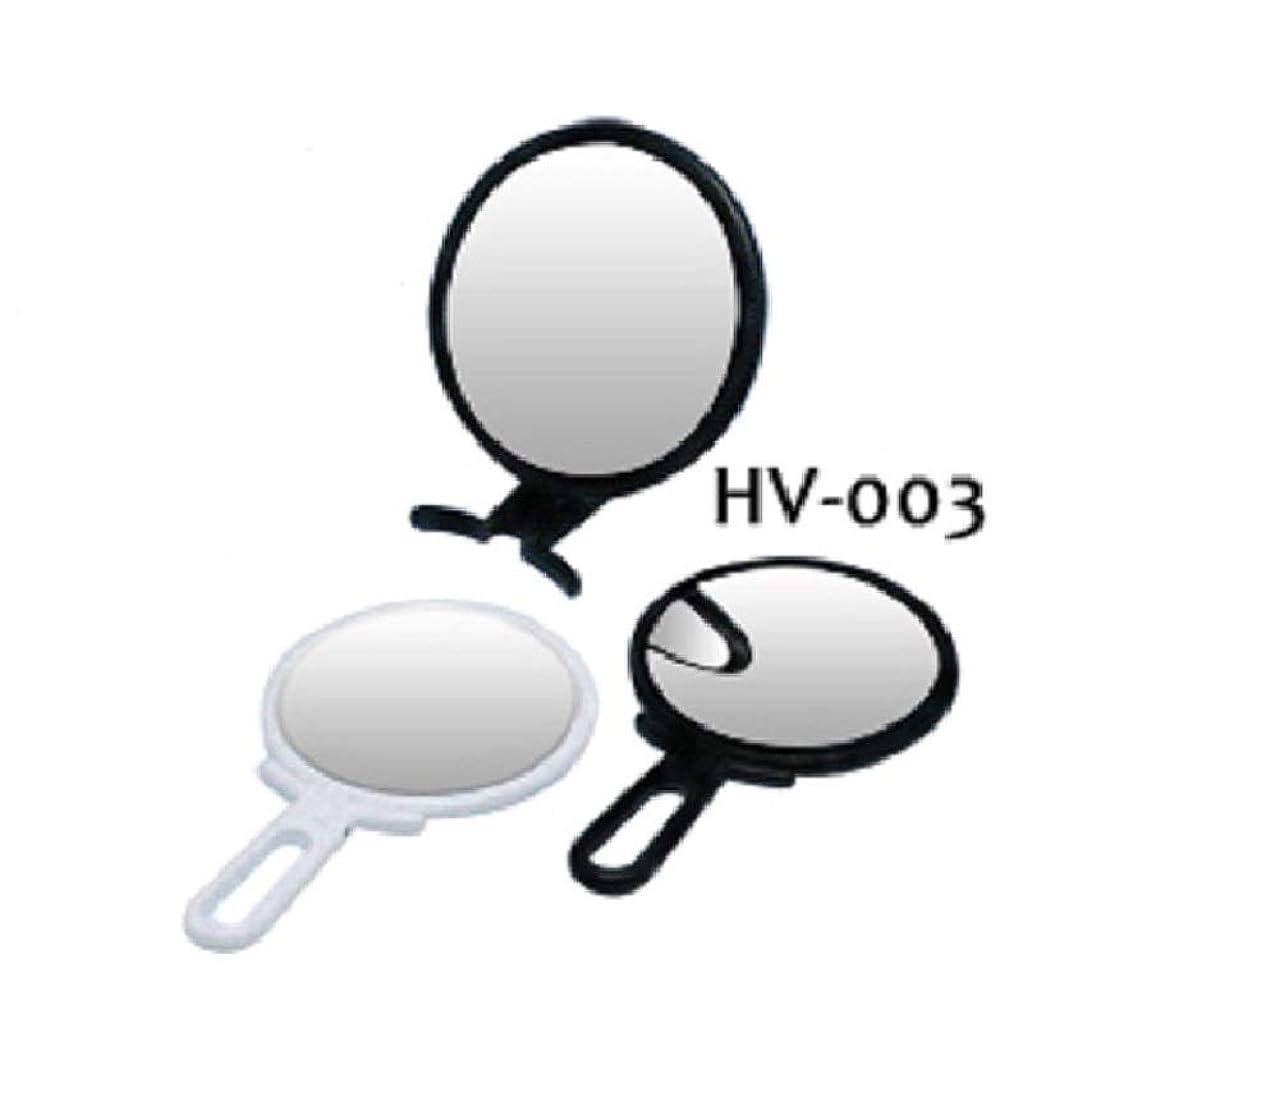 進む湿気の多いで出来ているハイパービュースタンド&ハンドミラー HV-003 ブラック